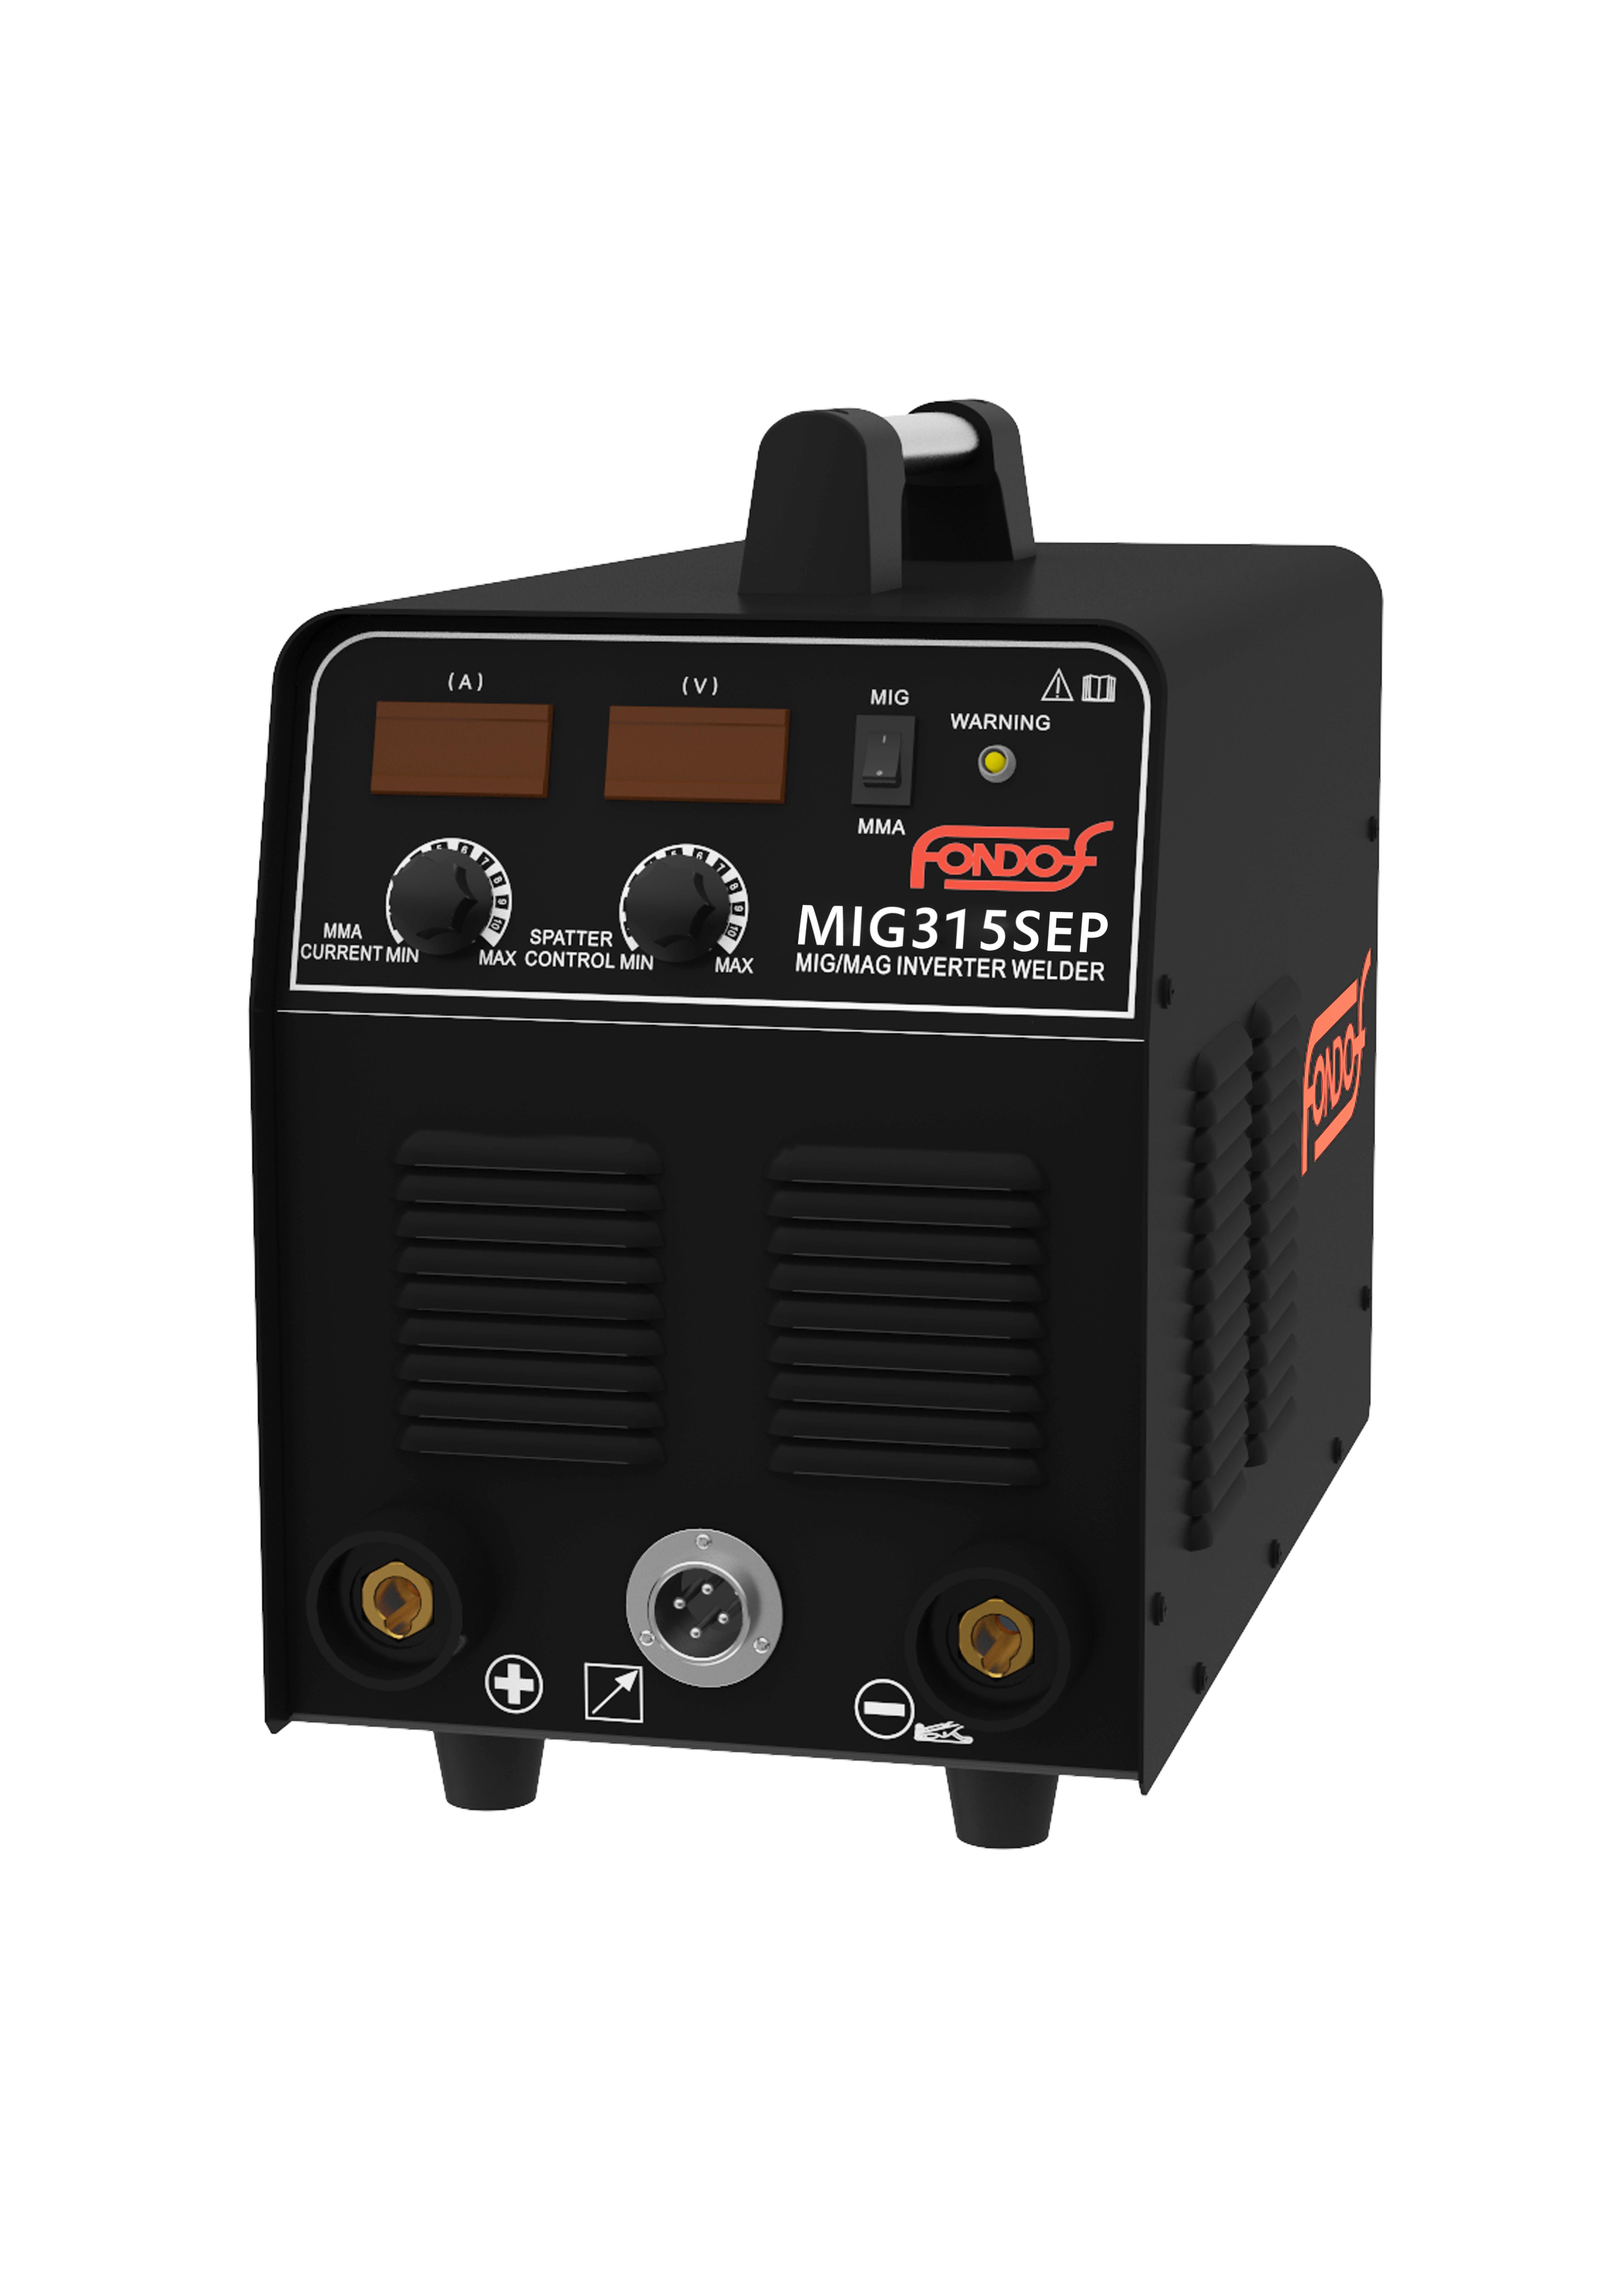 MIG315SEP